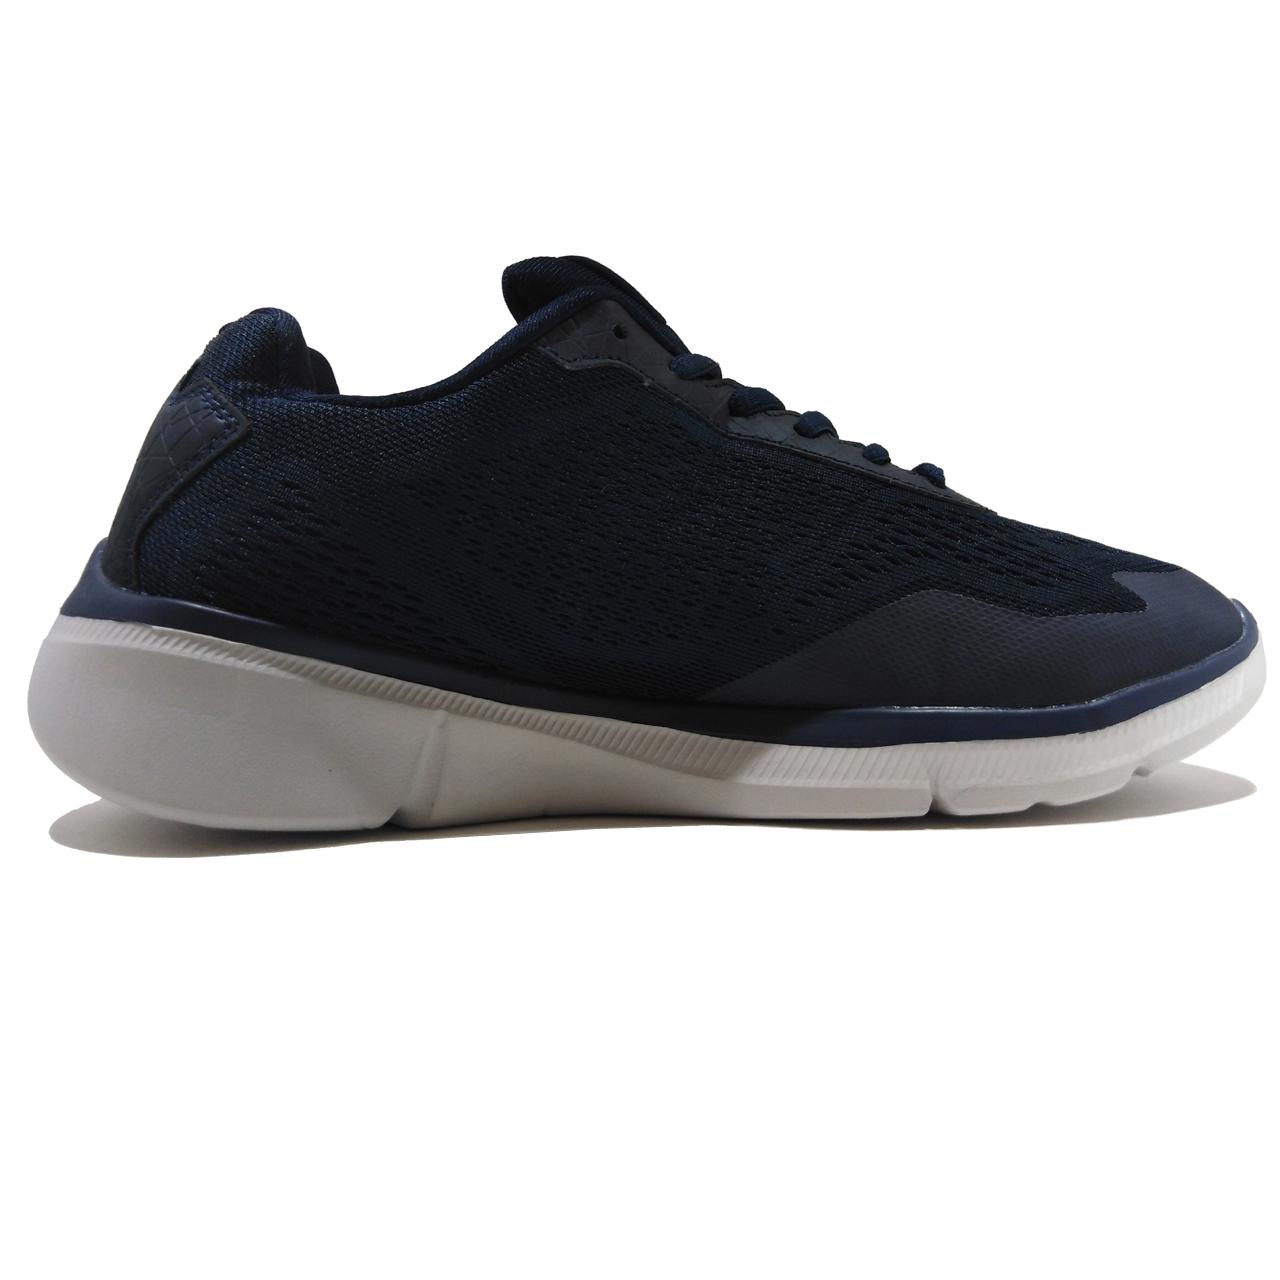 کفش مخصوص دویدن مردانه اسکچرز مدل Go Walk 3